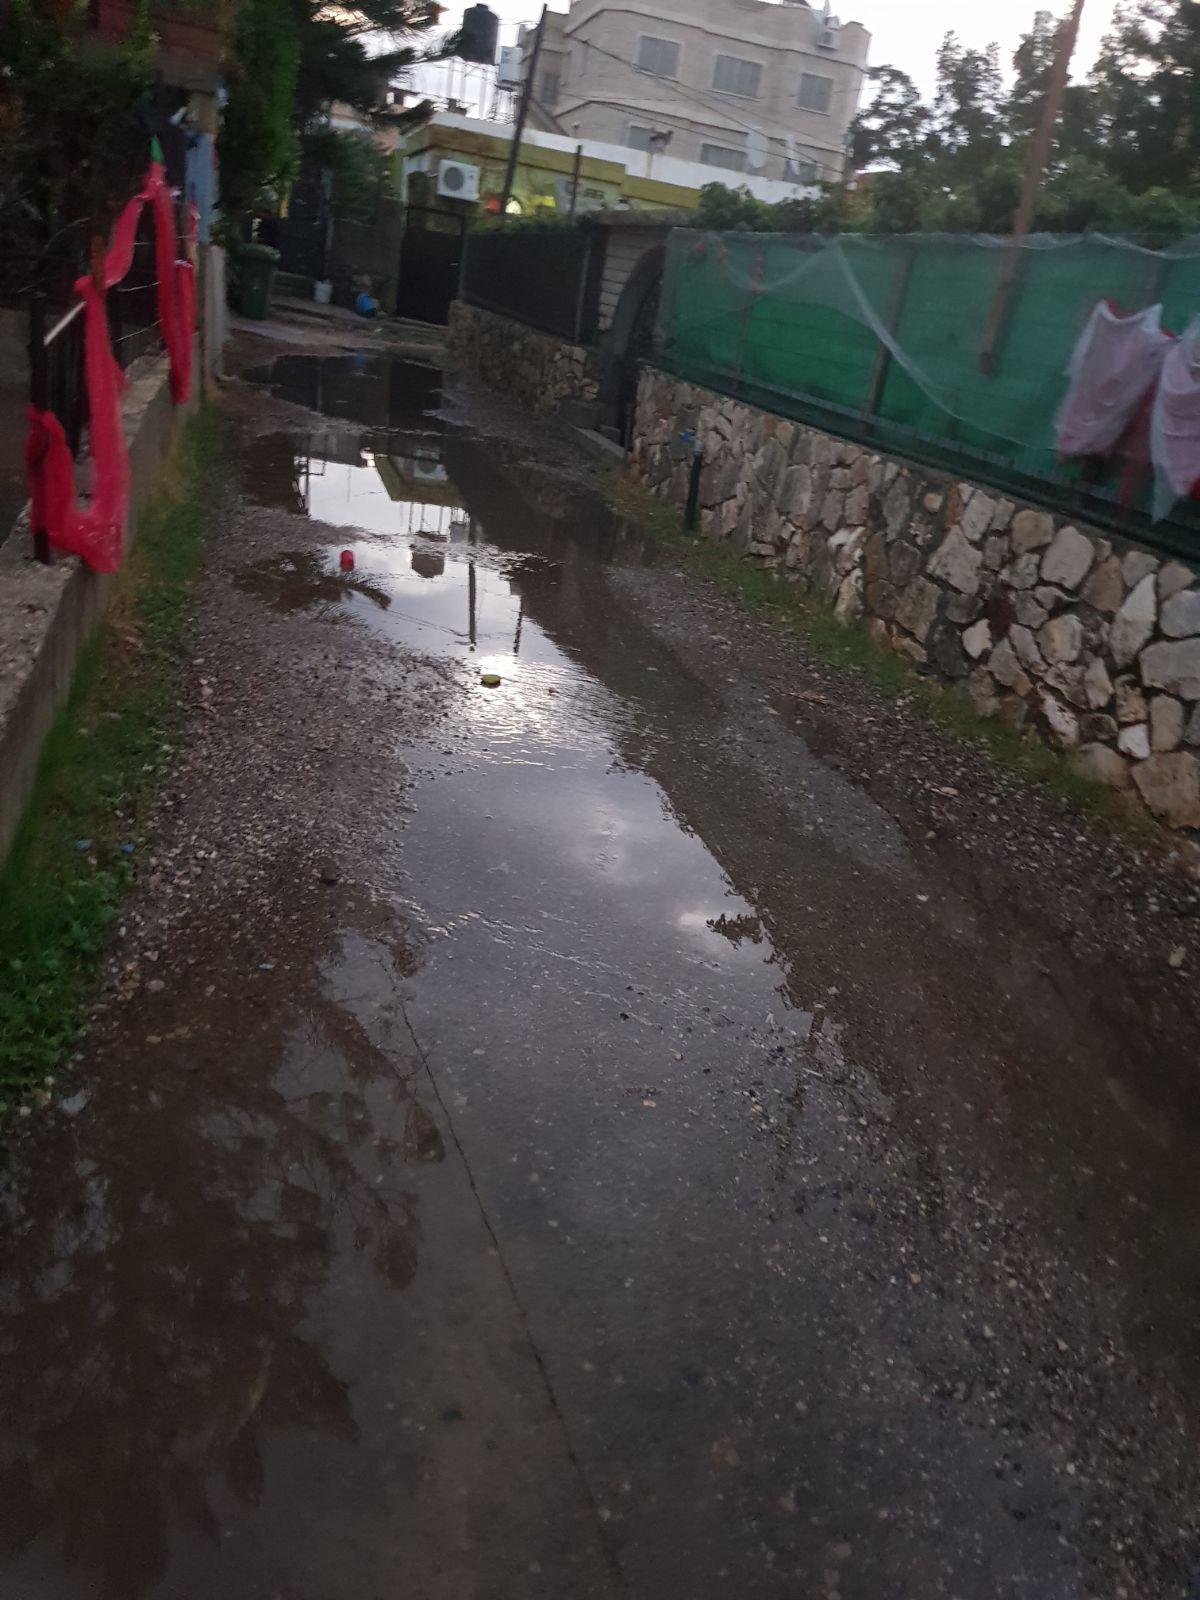 مجد الكروم: مياه الأمطار تغمر منازل والأهالي يتذمرون